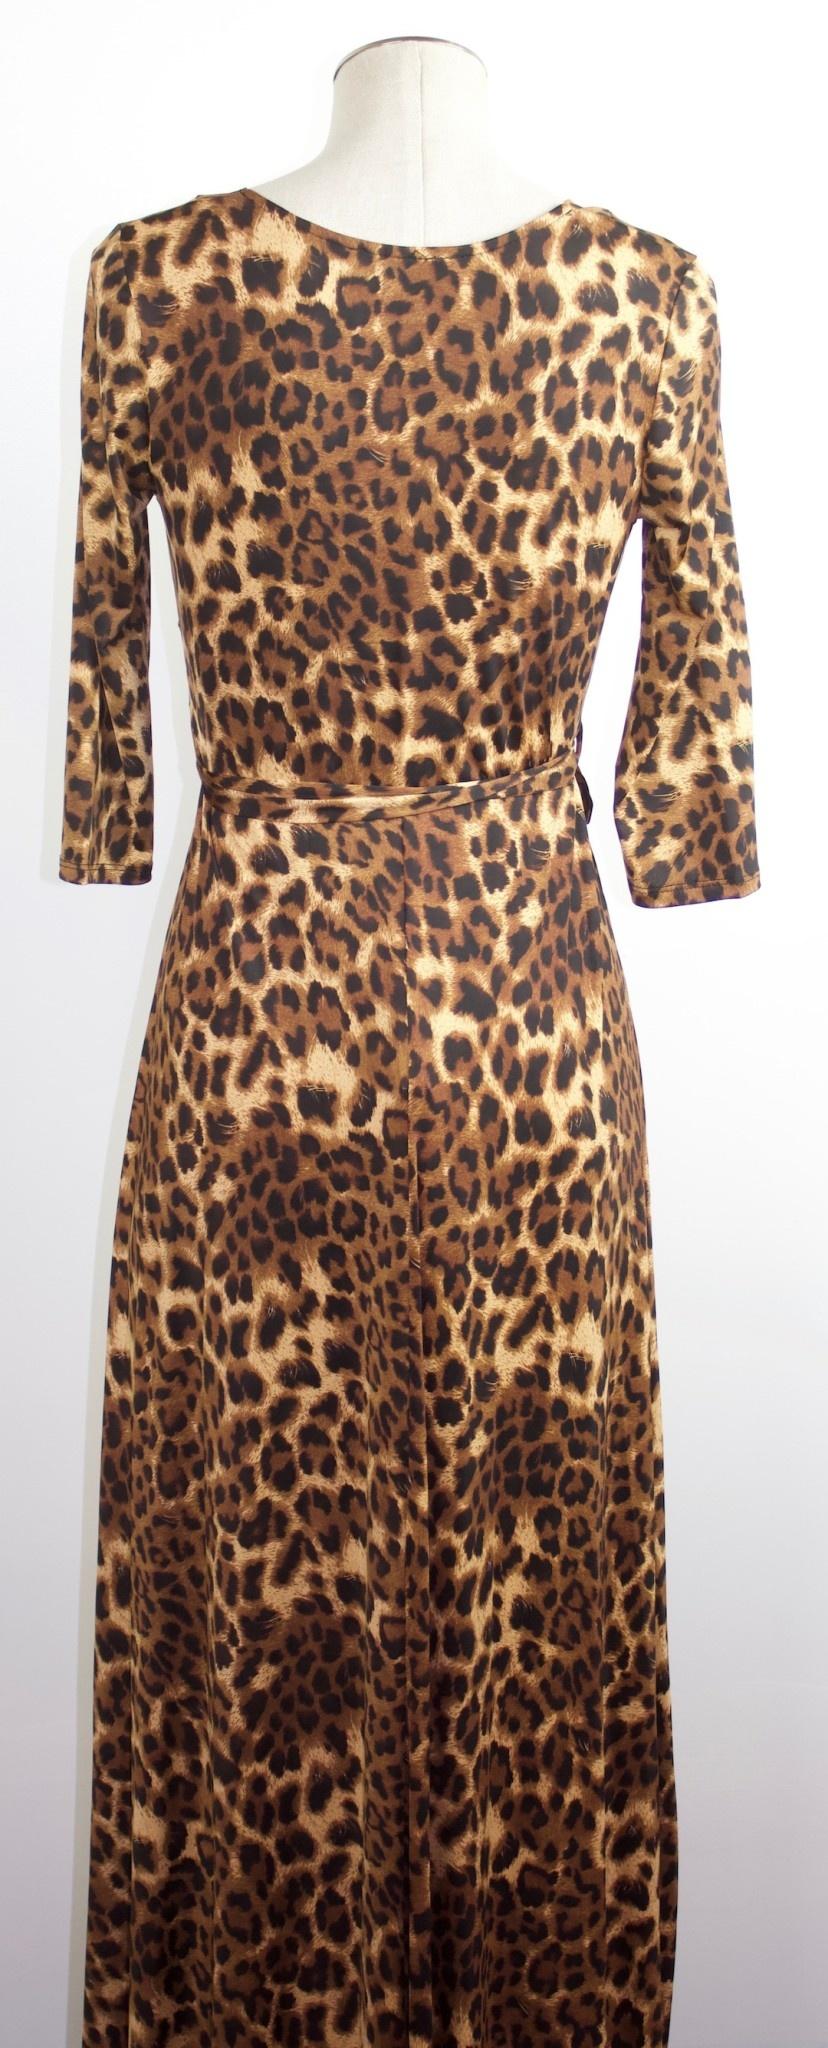 Maxine Classic Leopard